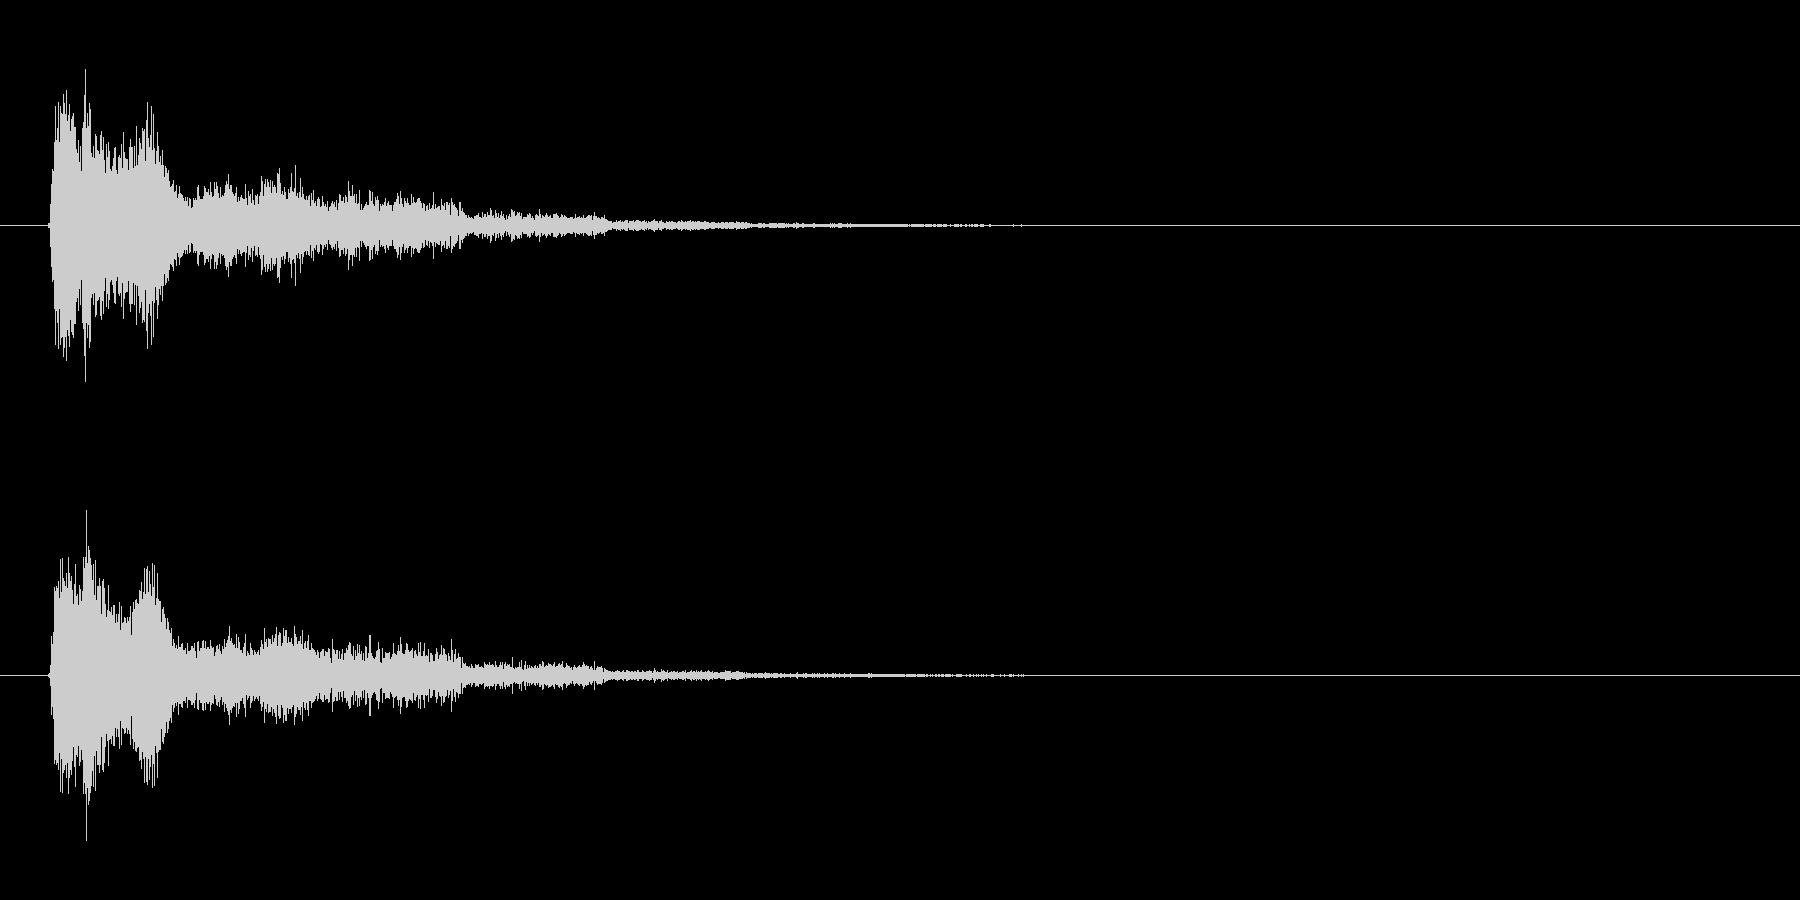 エネルギー砲、ビーム系【ズッシューン】の未再生の波形